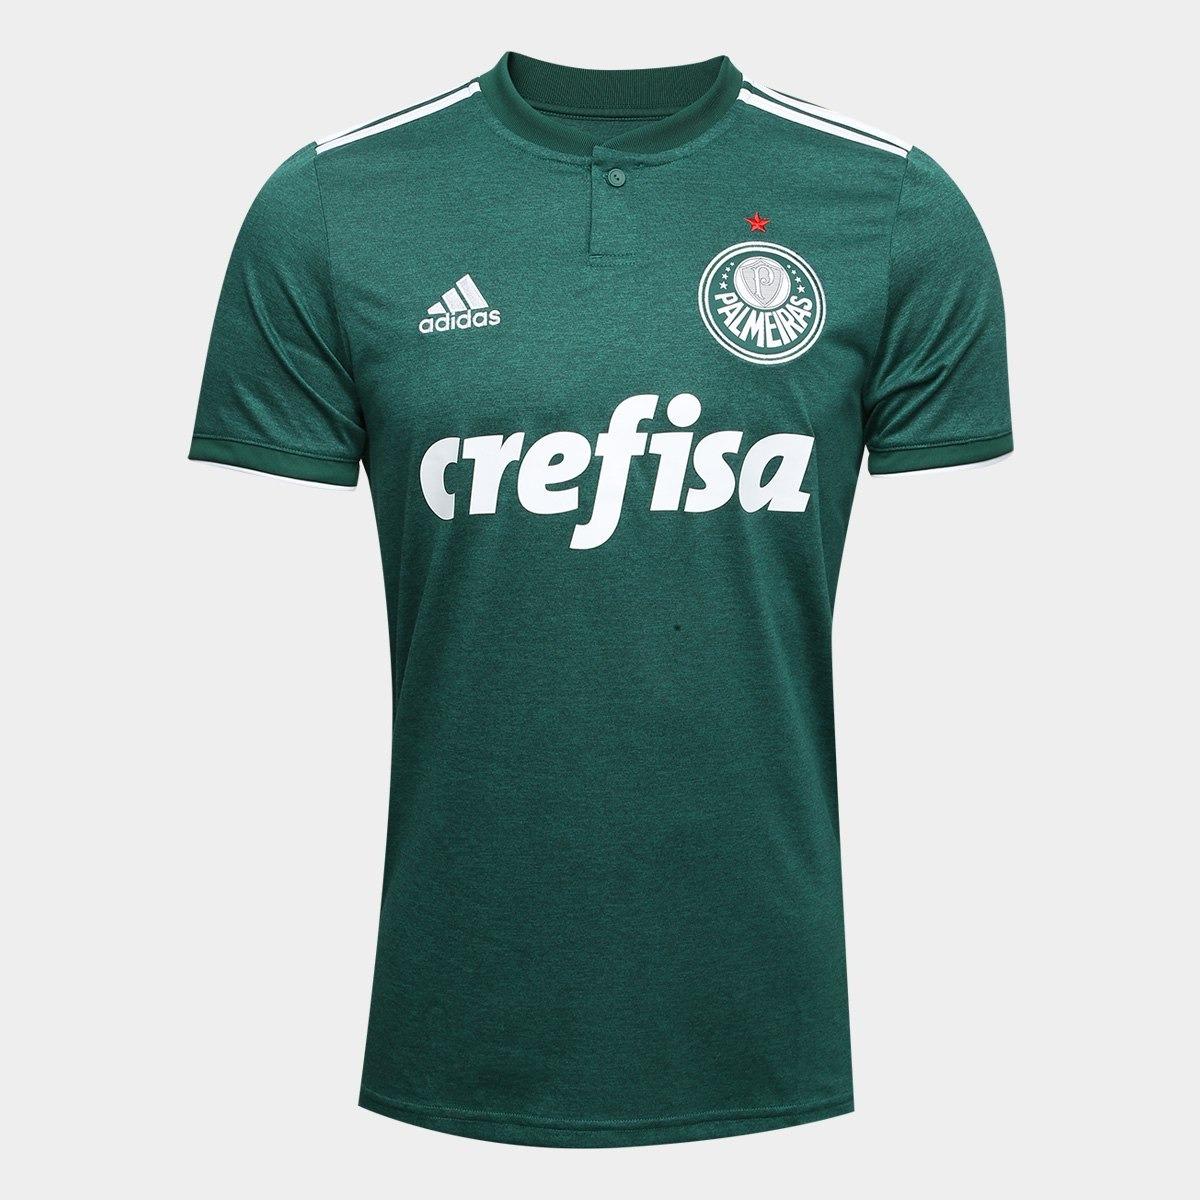 272648d9c Nova Camisa Do Palmeiras - 18 / 19 - Uniforme 1 - Verdão - R$ 125,00 ...